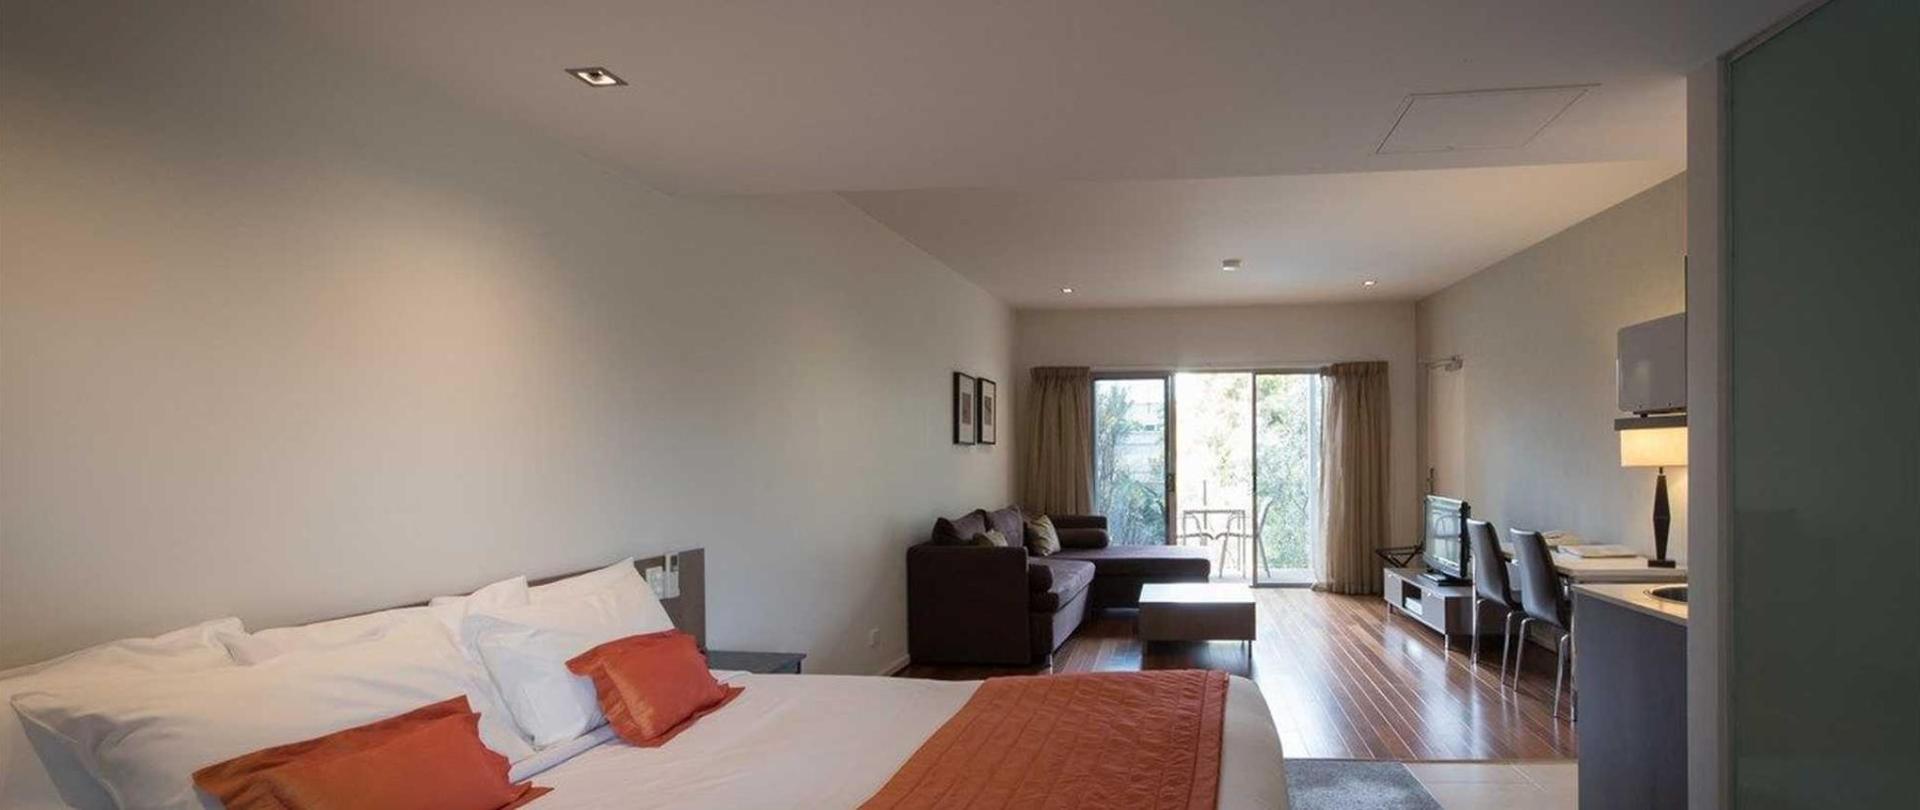 Queen suite in Poolside.jpg